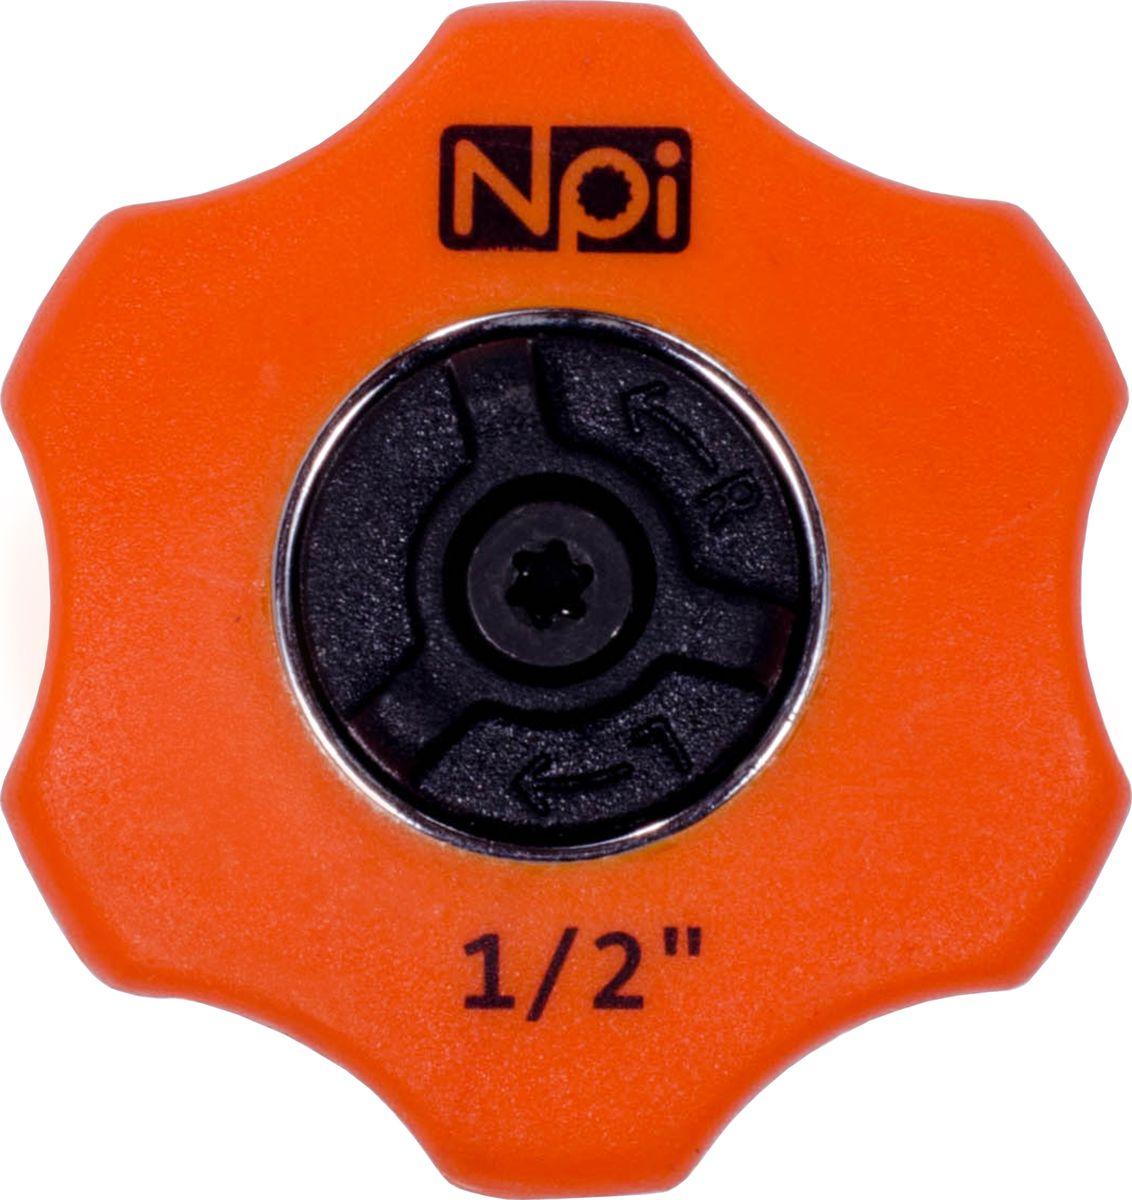 Трещотка-мини NPI, 1/2, 72 зубаCA-3505Мини-трещотка. Размер 1/2. Имеет 72 зуба. Встроенный переключатель вращения. Прочное композитное покрытие.